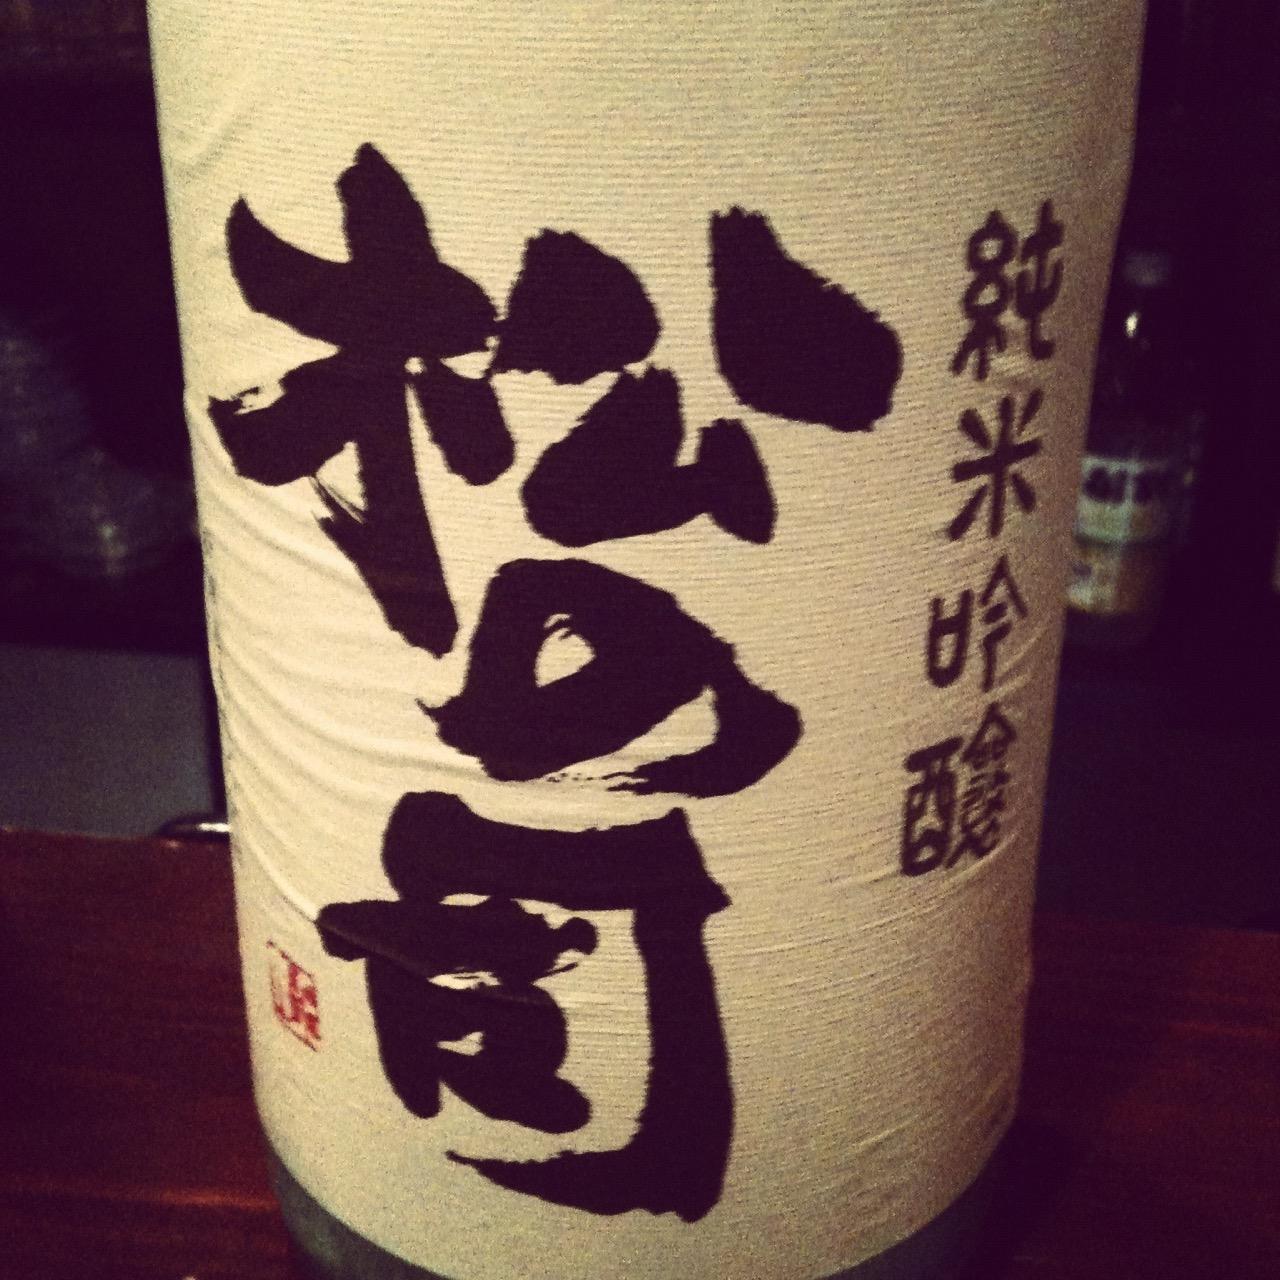 松の司 純米吟醸 あらばしり生 日本酒テイスティングノート